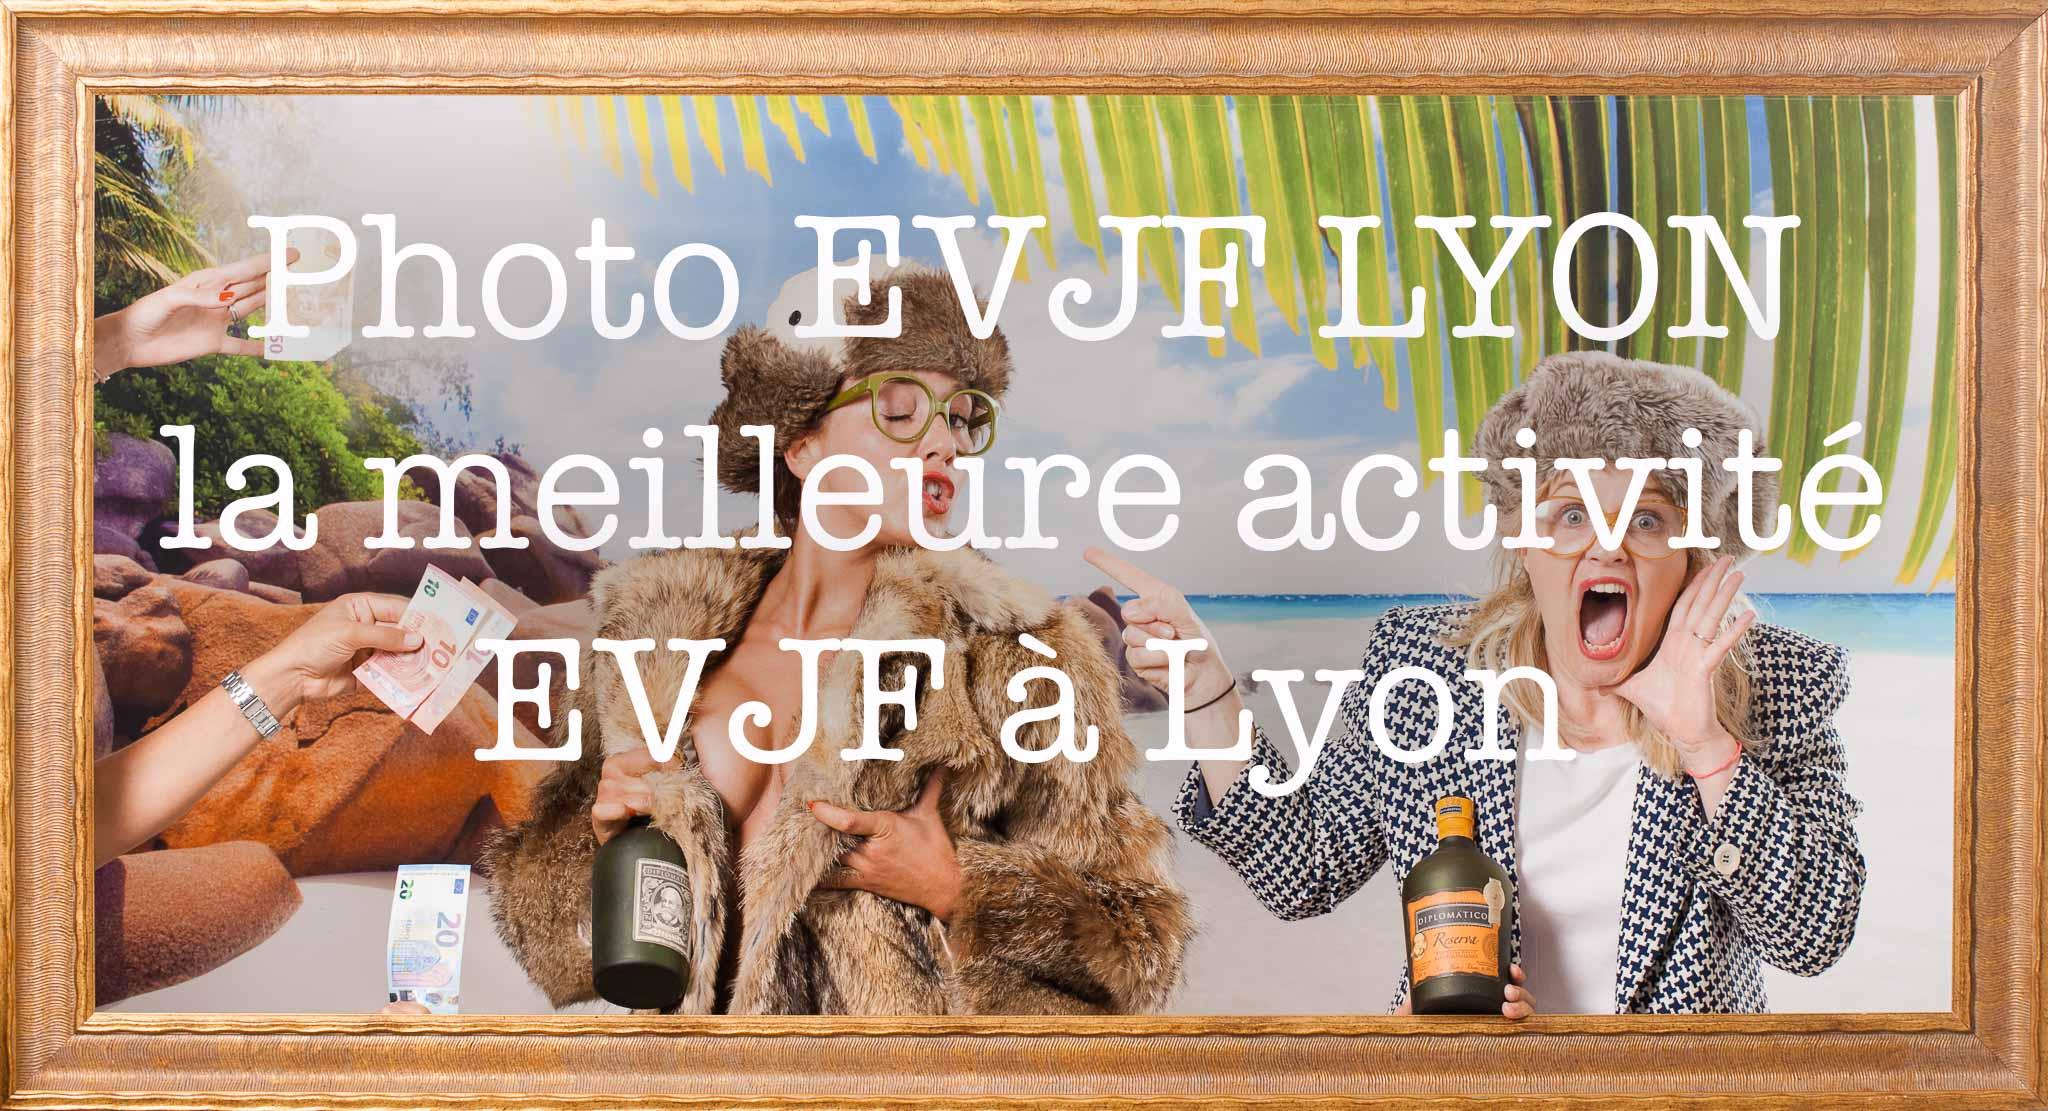 Photo EVJF Lyon La meilleure activité, idées pour l'organisation d'activité originale pour enterrement de vie de jeune fille avec accessoires et déguisement entre copine pour un weekend, Activité originale Amazing Rembrandt